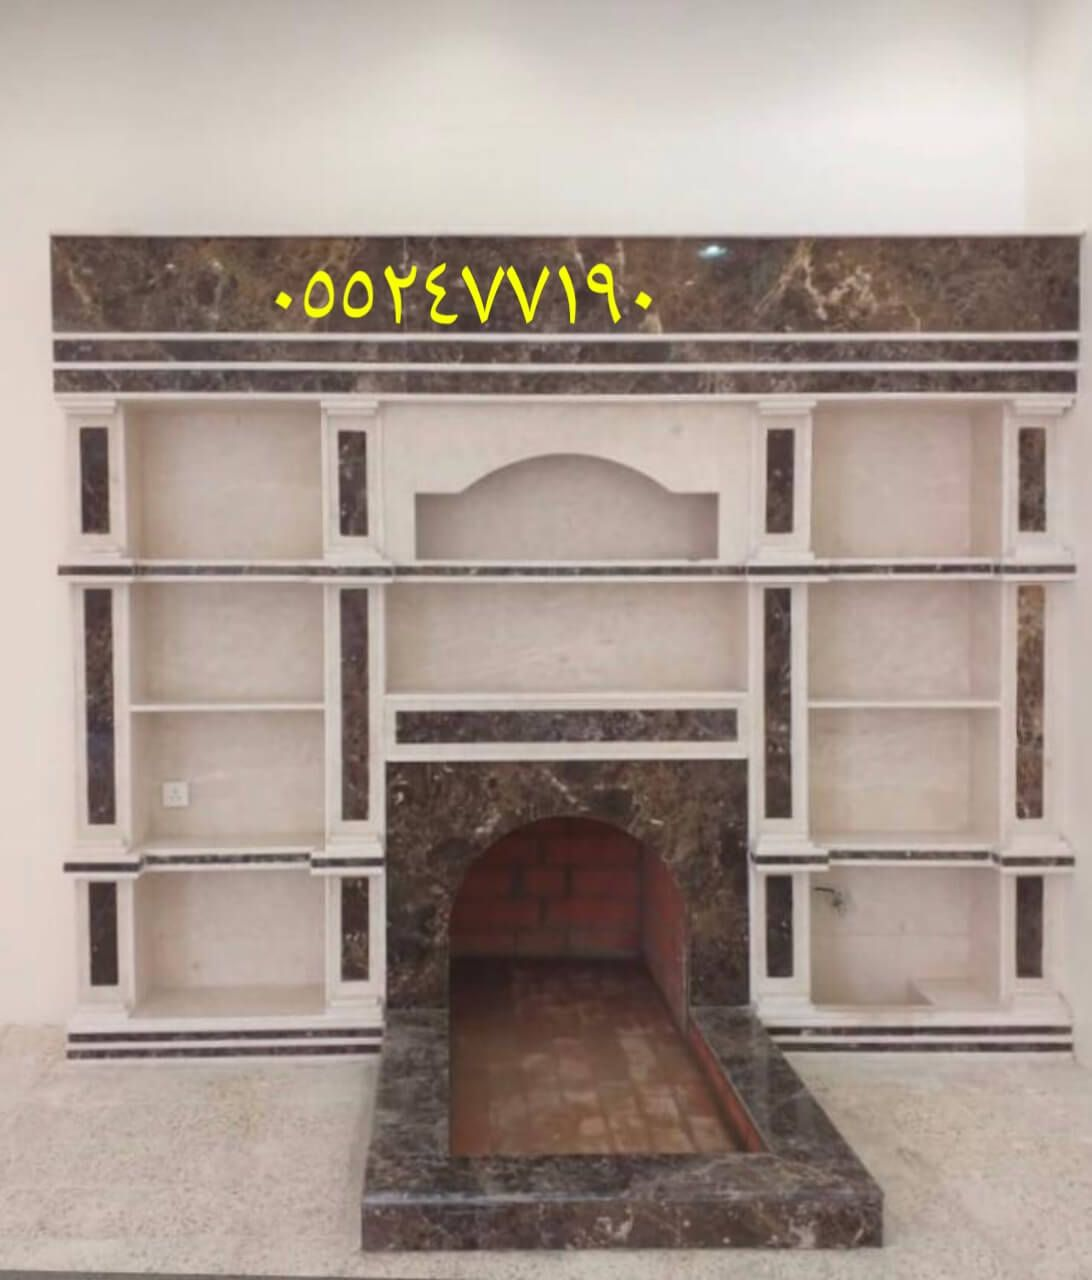 تصميم مشبات جديدة صور مشبات صور مشبات حجر مشبات حديد ديكور مشبات صور مشبات جديده Home Decor Decor Home